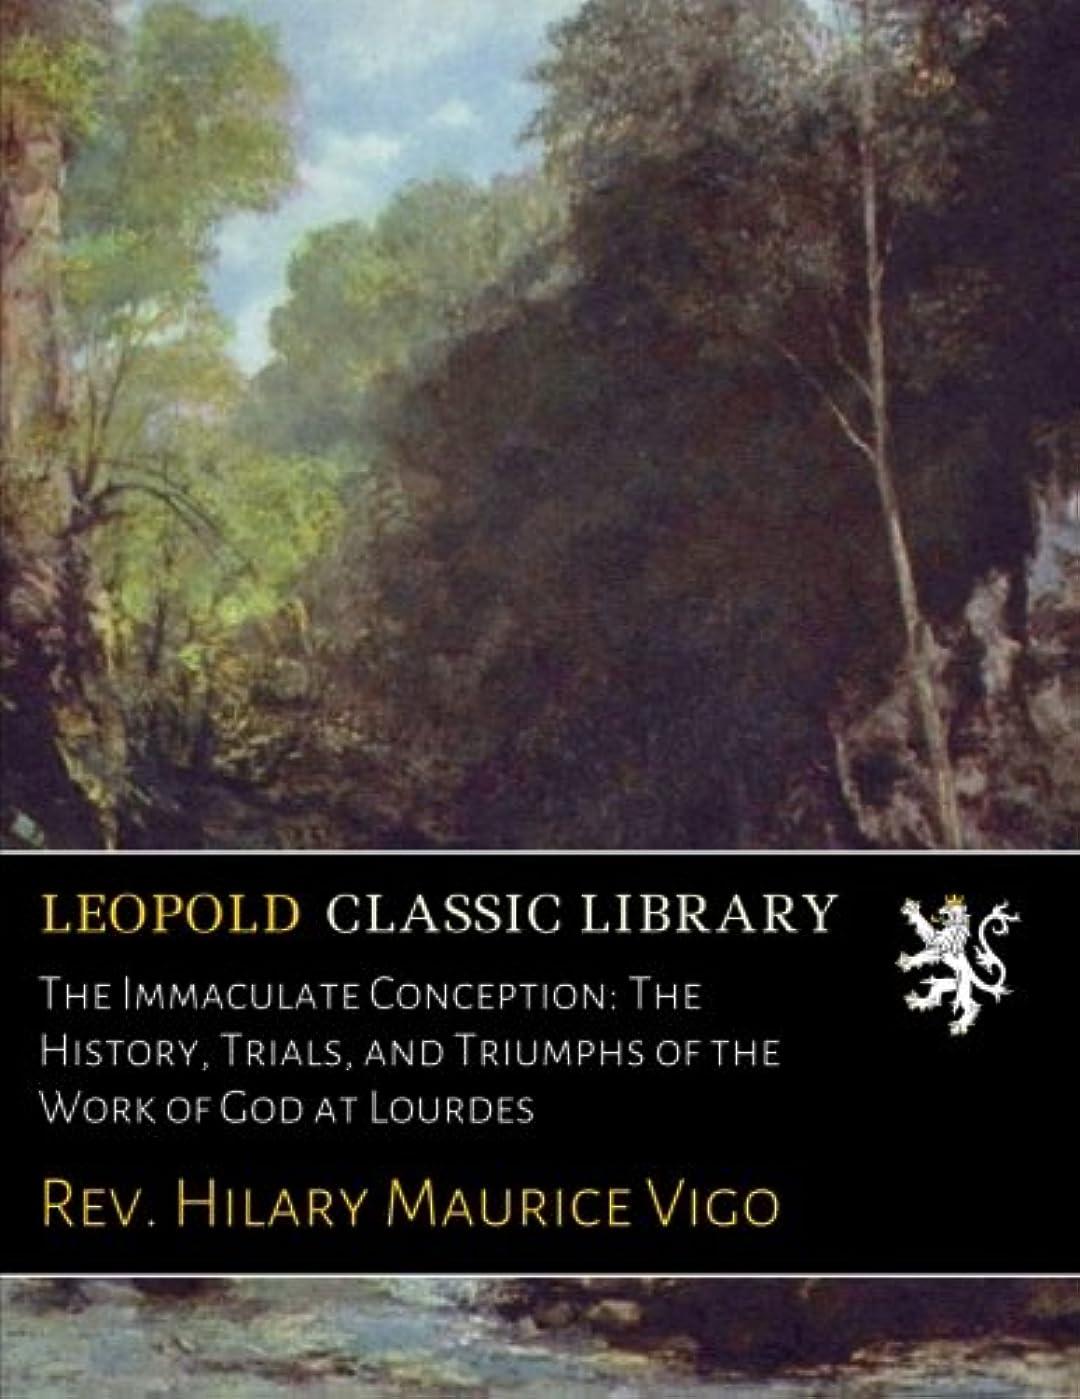 ギャップシェア意図するThe Immaculate Conception: The History, Trials, and Triumphs of the Work of God at Lourdes